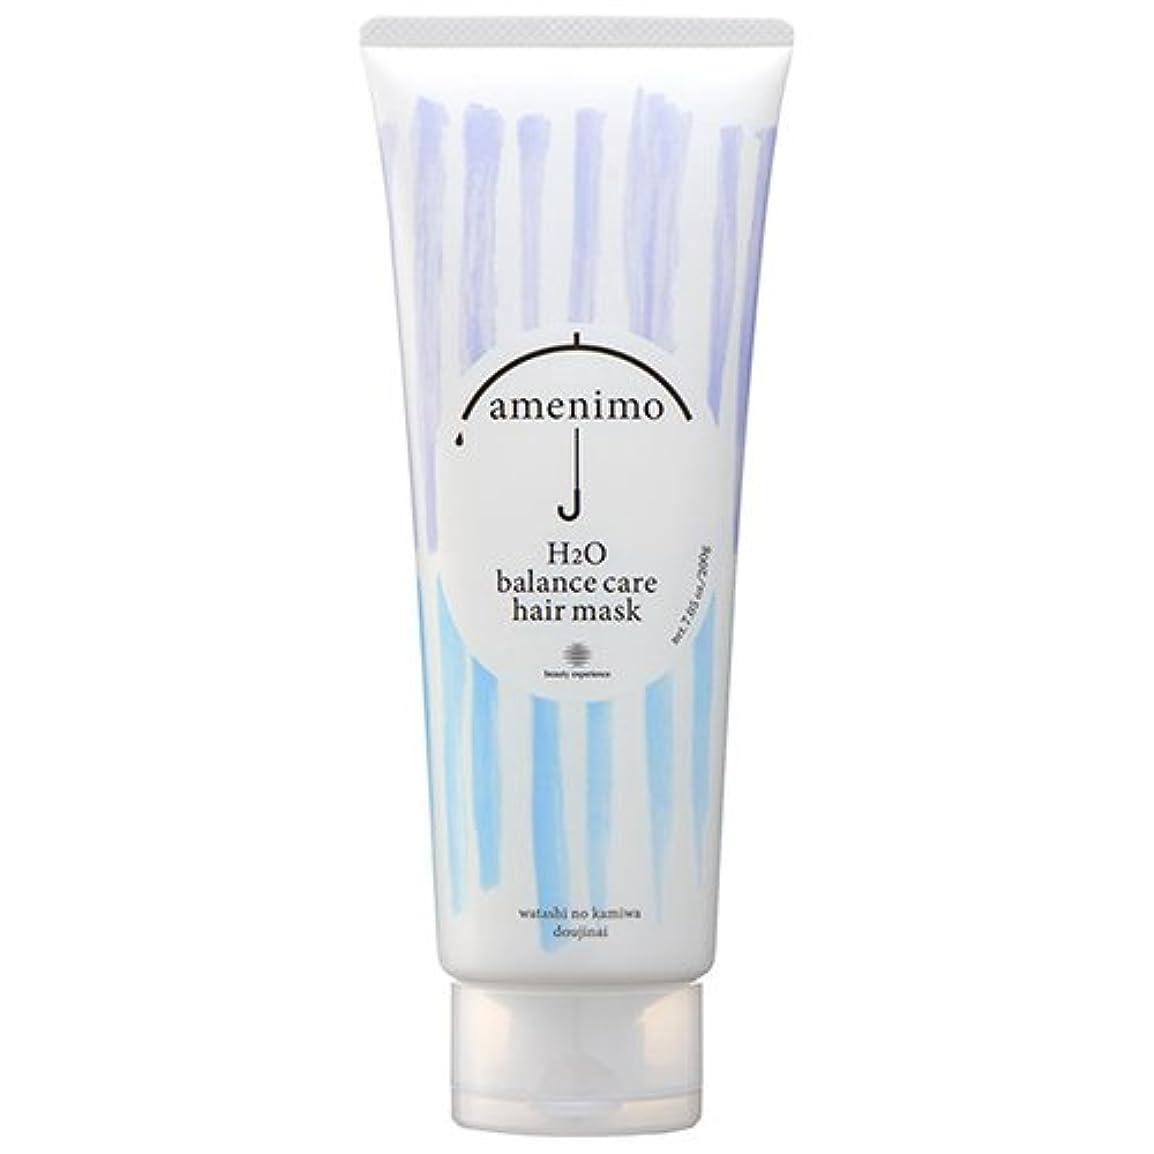 排気精神医学酸amenimo(アメニモ) H2O バランスケア ヘアマスク 200g